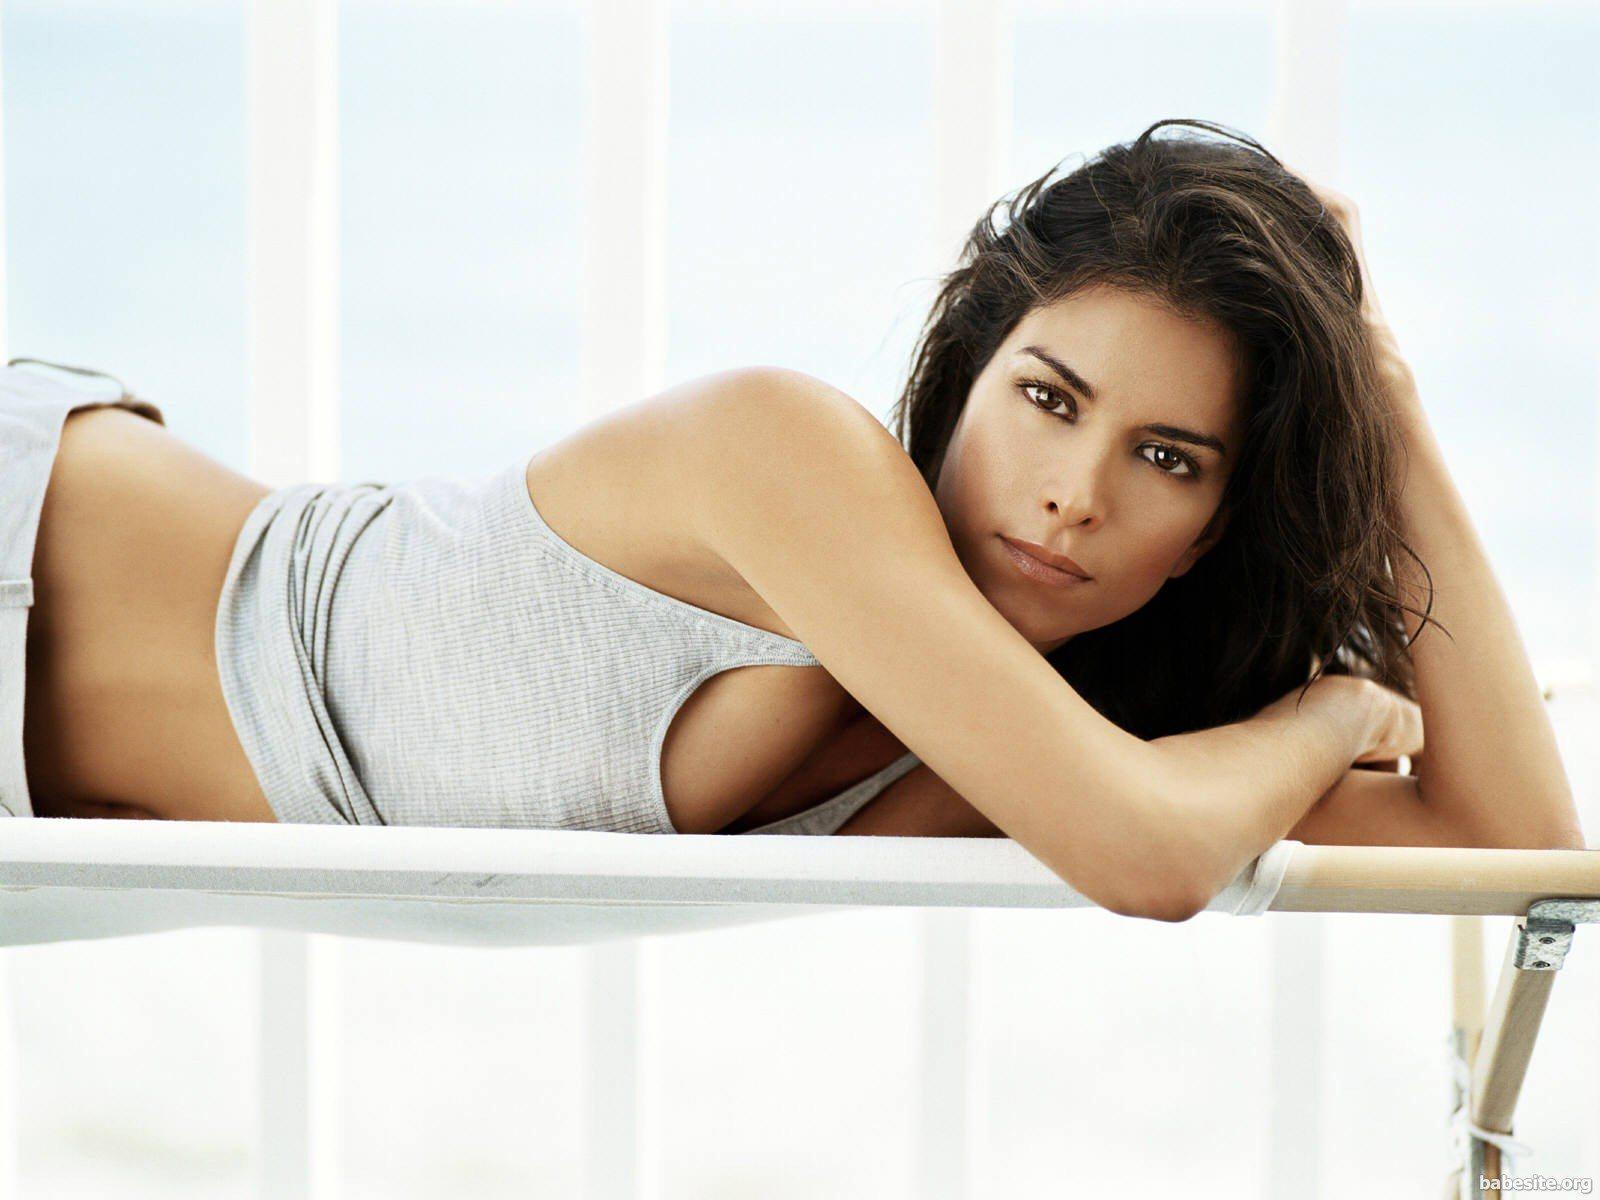 http://4.bp.blogspot.com/-MK1tfRxeJhE/T7IIteLei4I/AAAAAAAAHlo/gGB2bcVjLLY/s1600/Roselyn-Sanchez-003.jpg